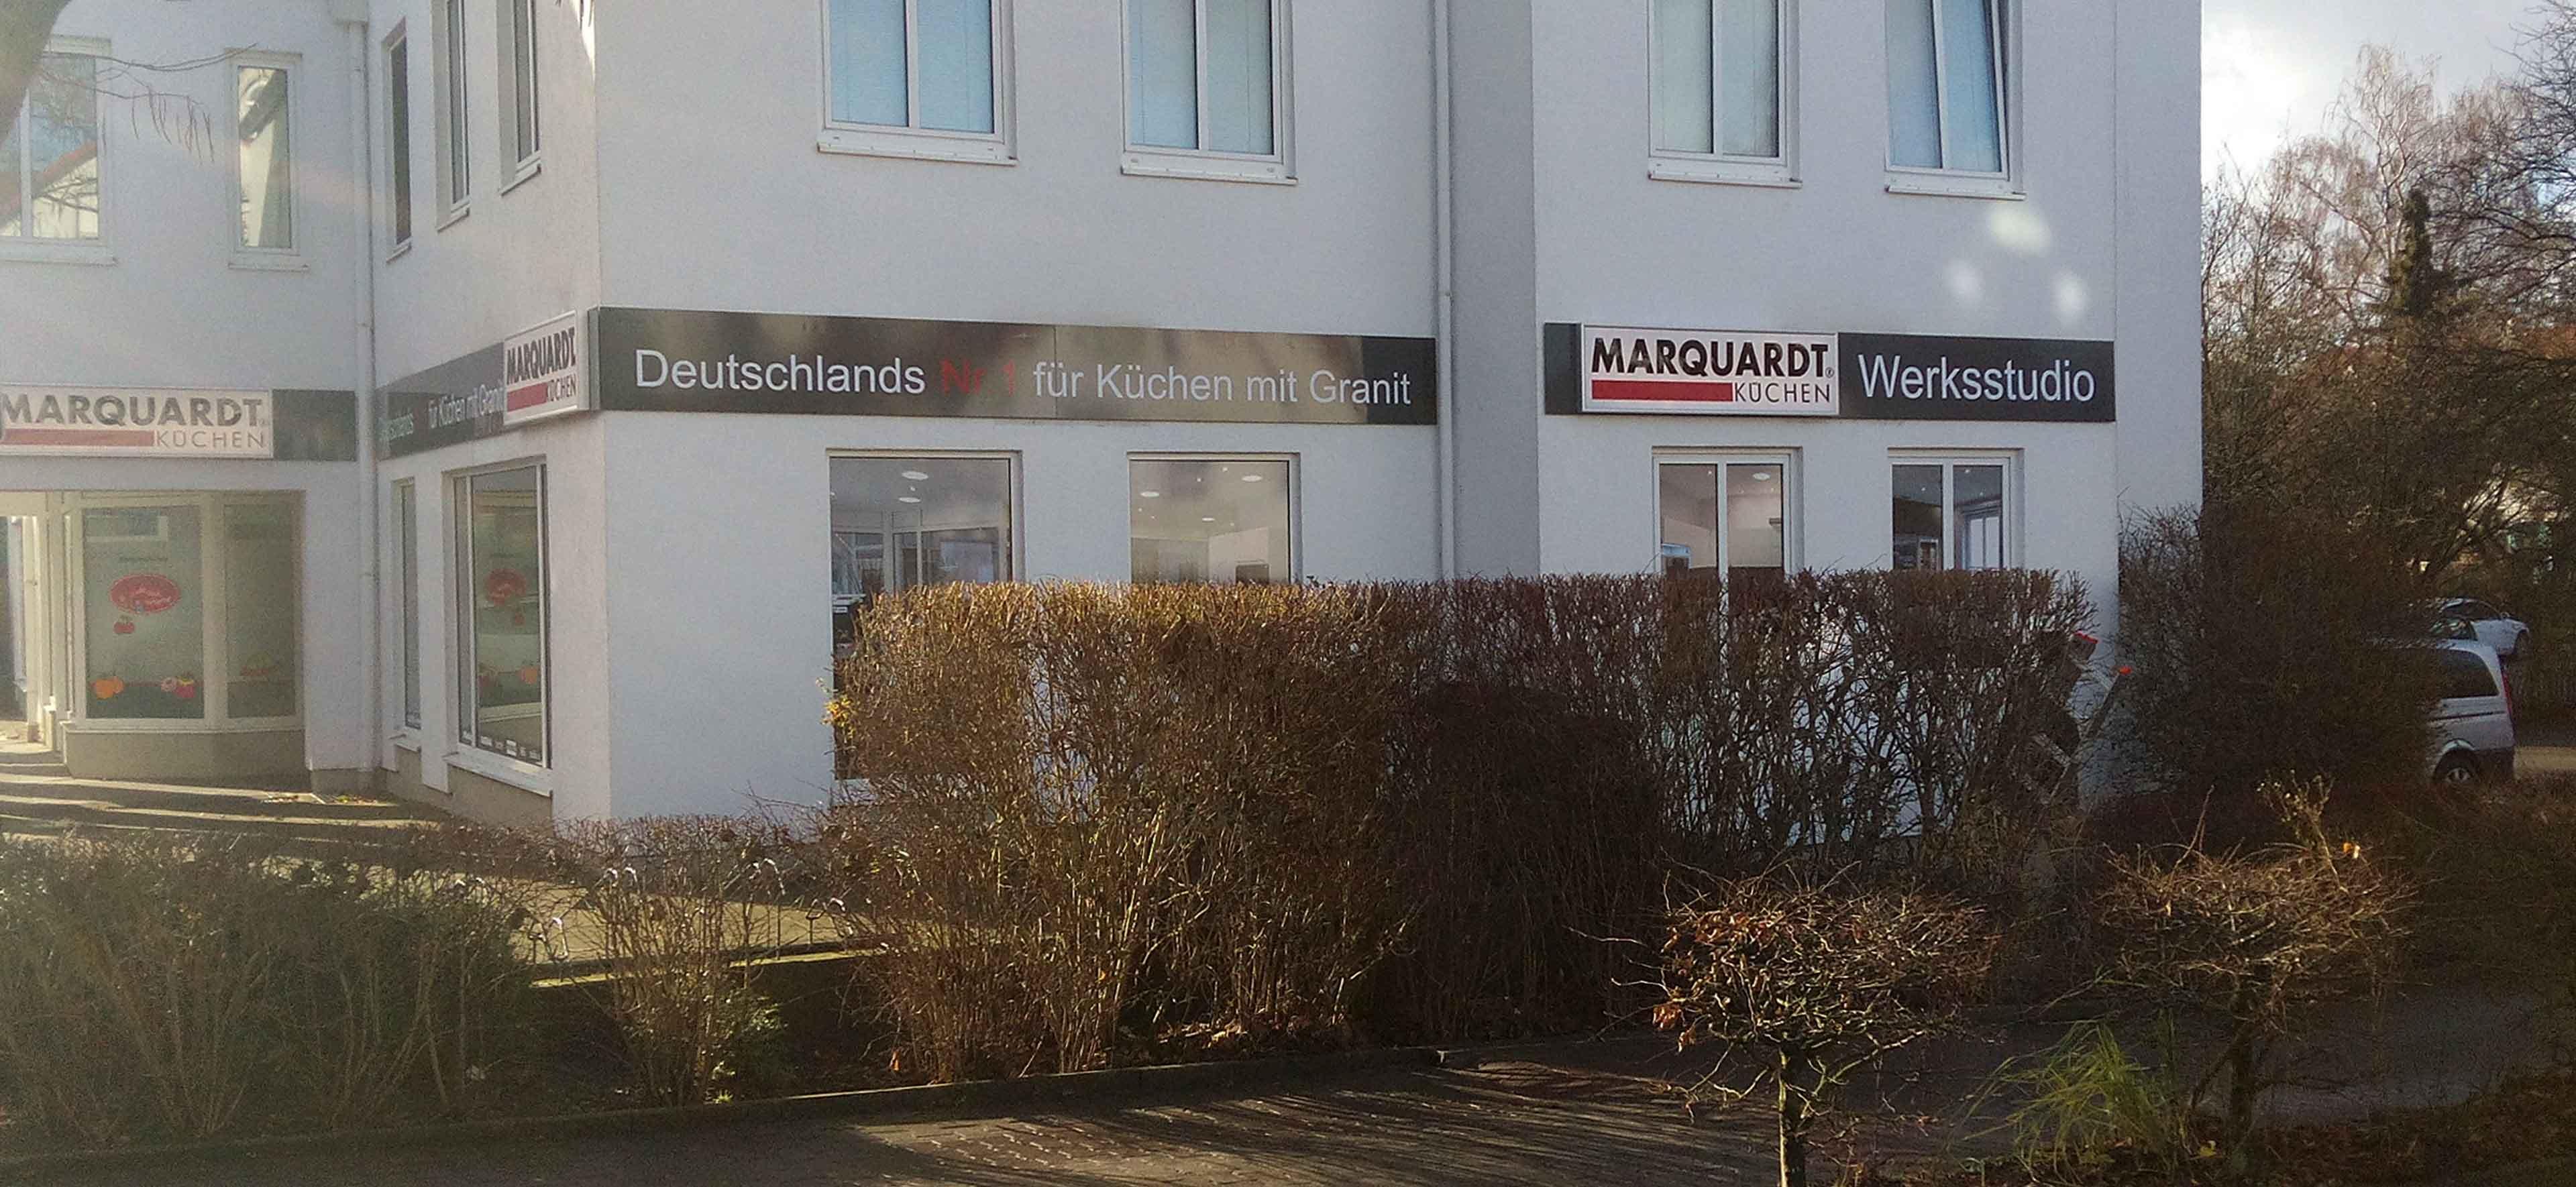 Kuchenstudio Bielefeld Marquardt Kuchen